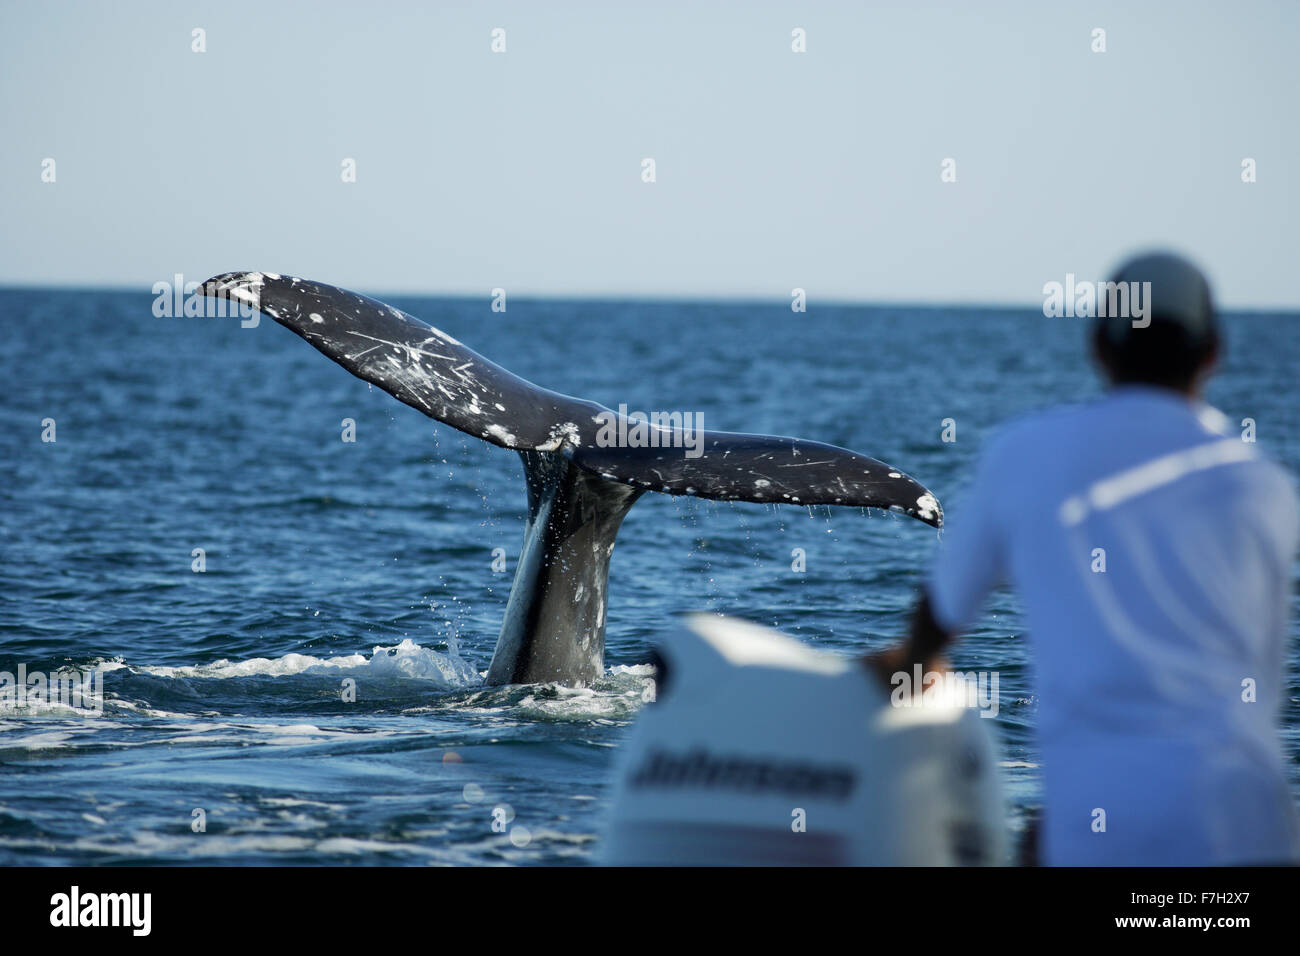 Pr0327-D. La ballena gris (Eschrichtius robustus) cola. Baja California Sur, México. Photo Copyright © Brandon Cole. Todos los derechos reservados Foto de stock